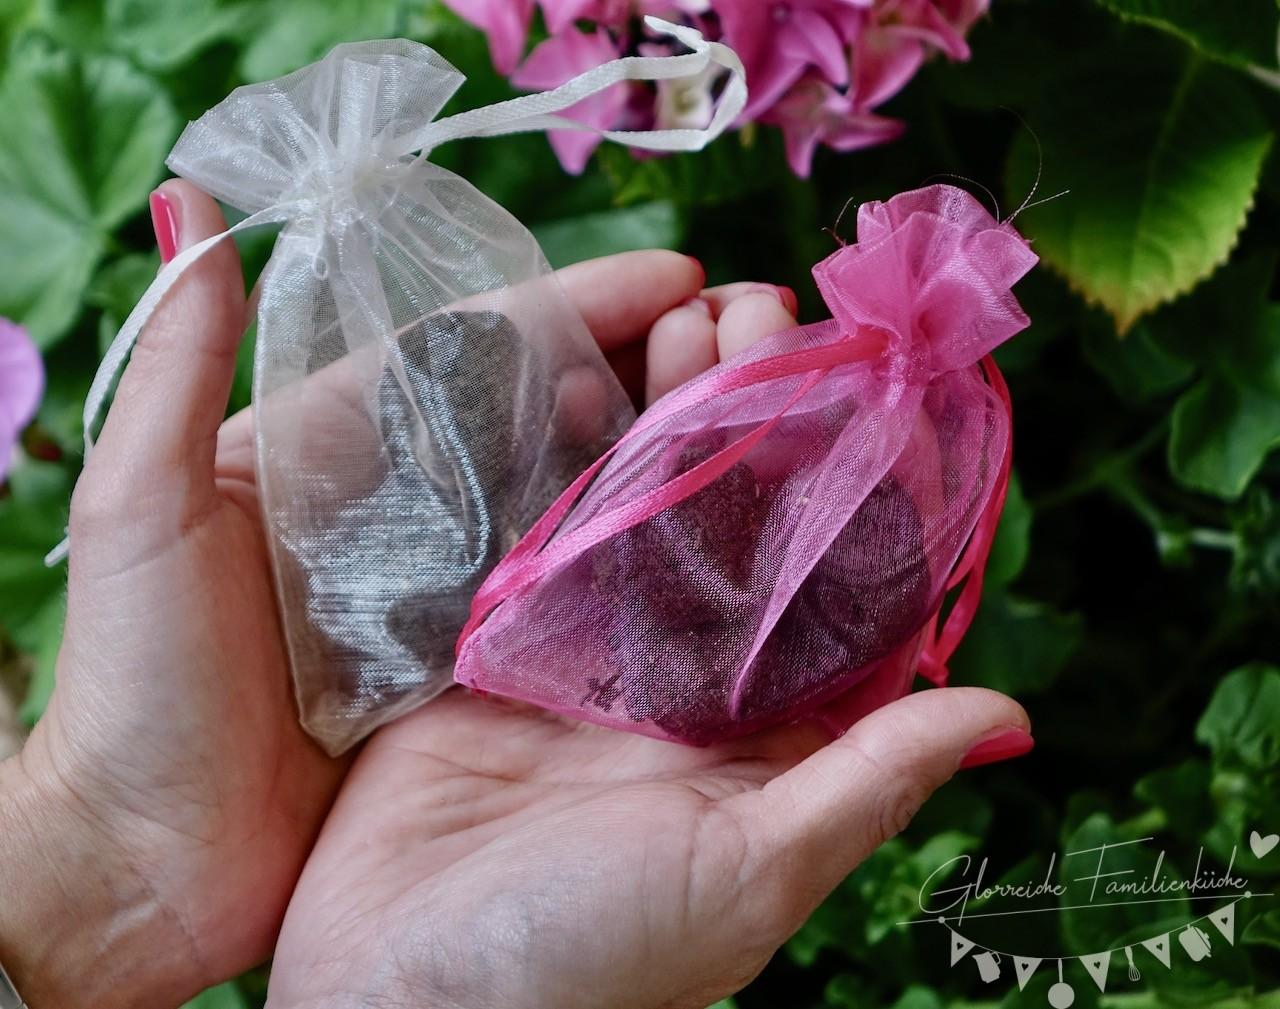 Samenbomben Geschenk Glorreiche Familienküche